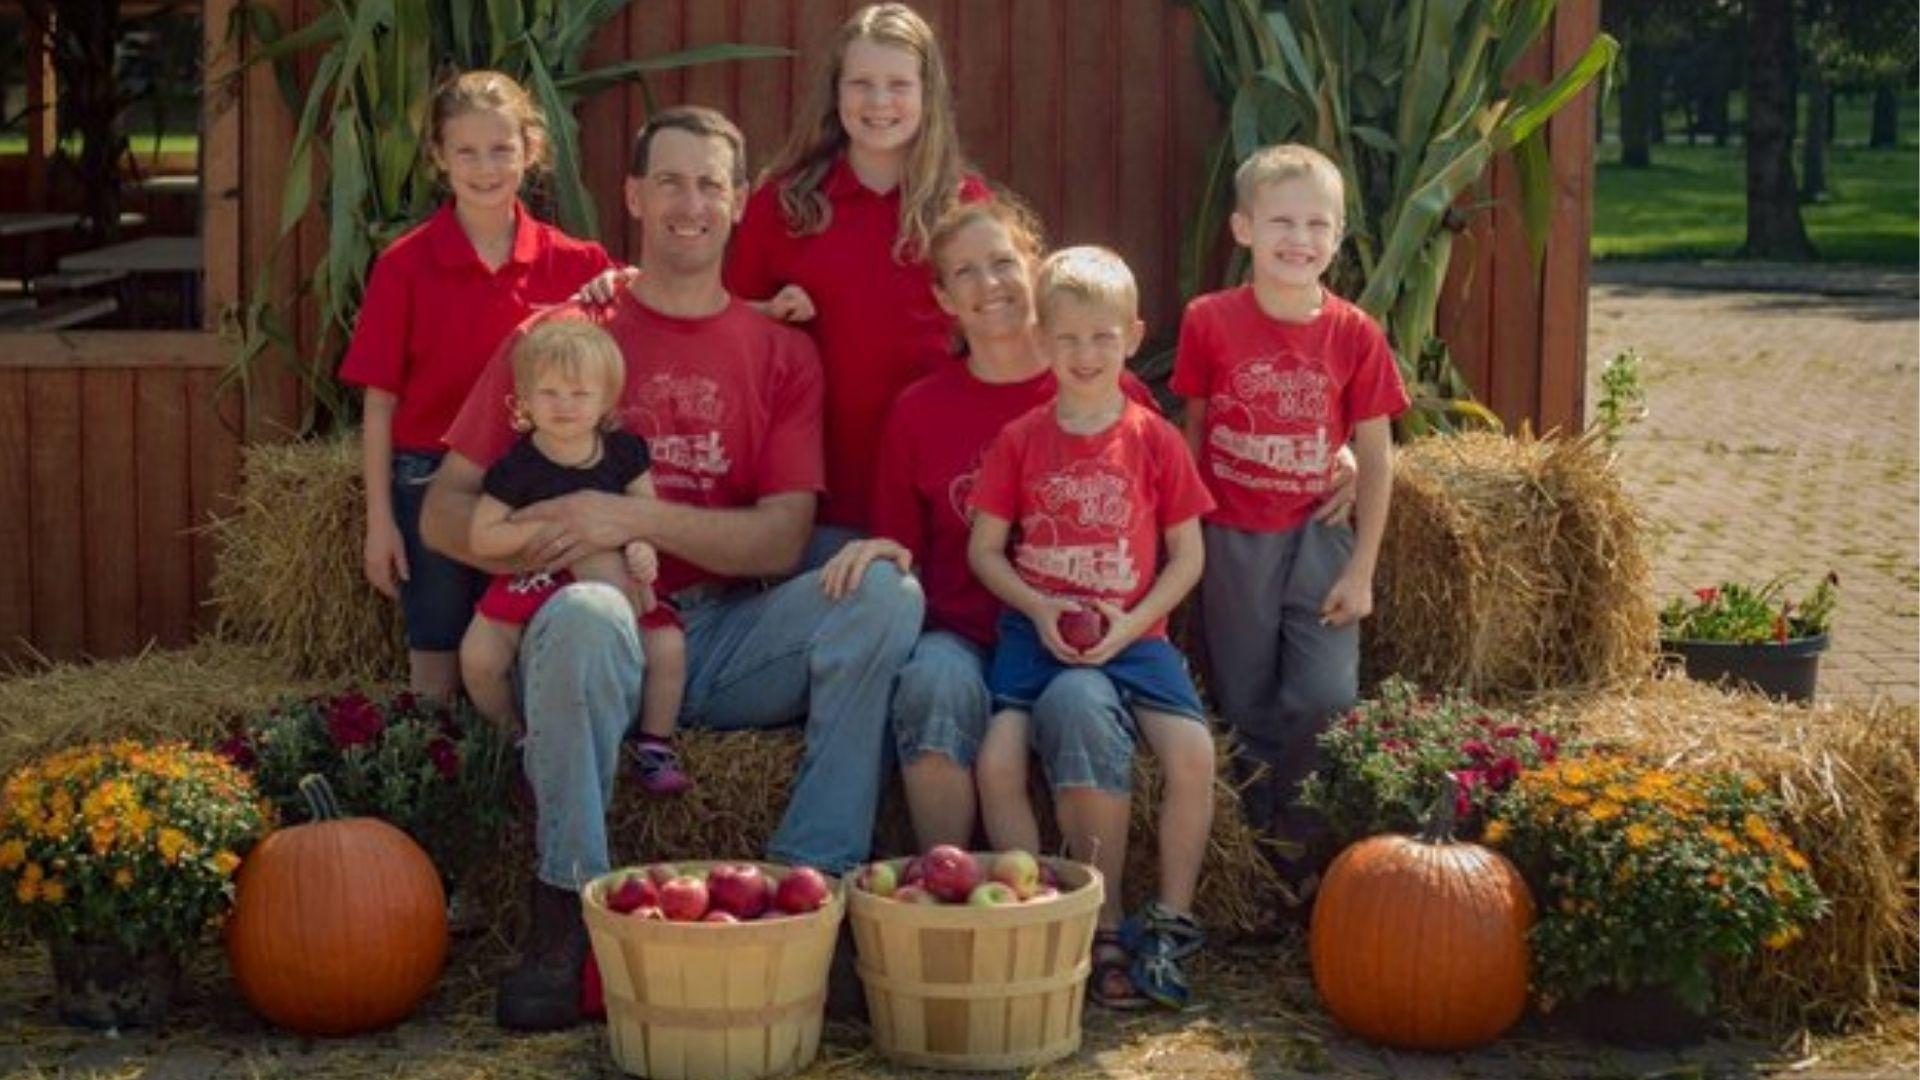 Agricultores cristãos são banidos de mercado por suas crenças sobre o casamento